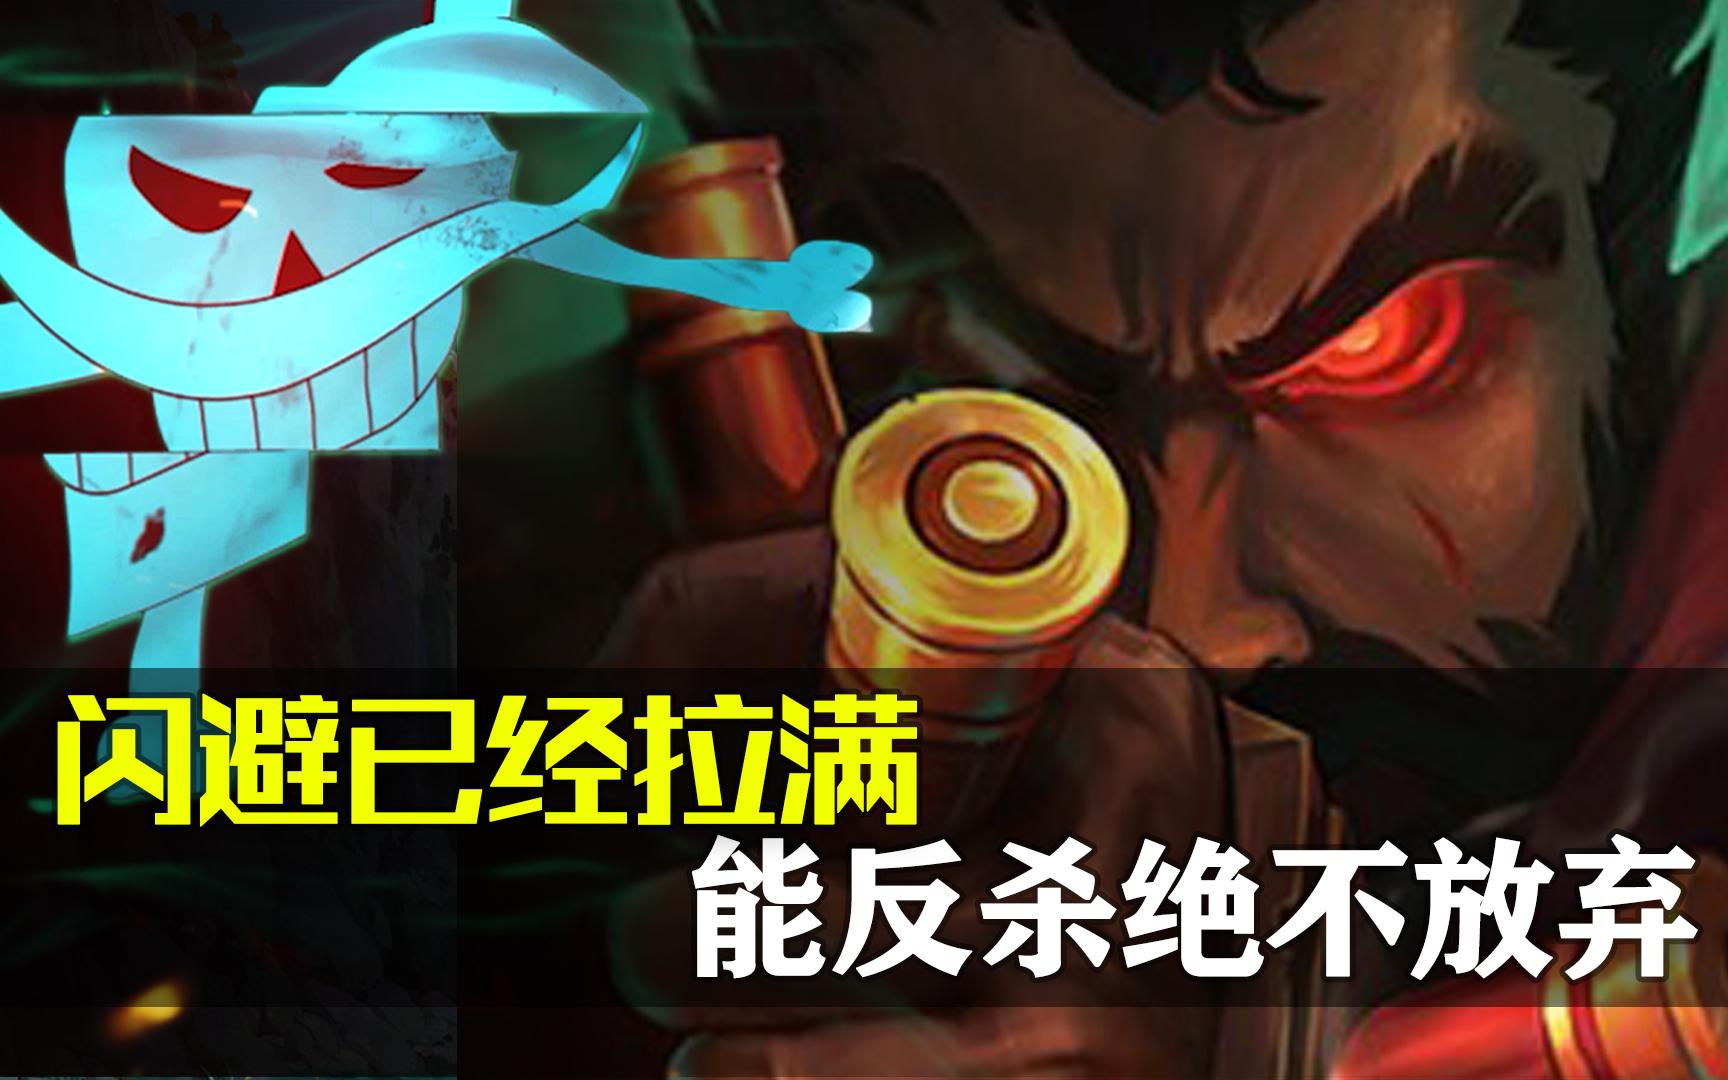 韩服王者男枪张嘉文:剑圣羊刀很无解?在男枪面前5.0的攻速也得死!